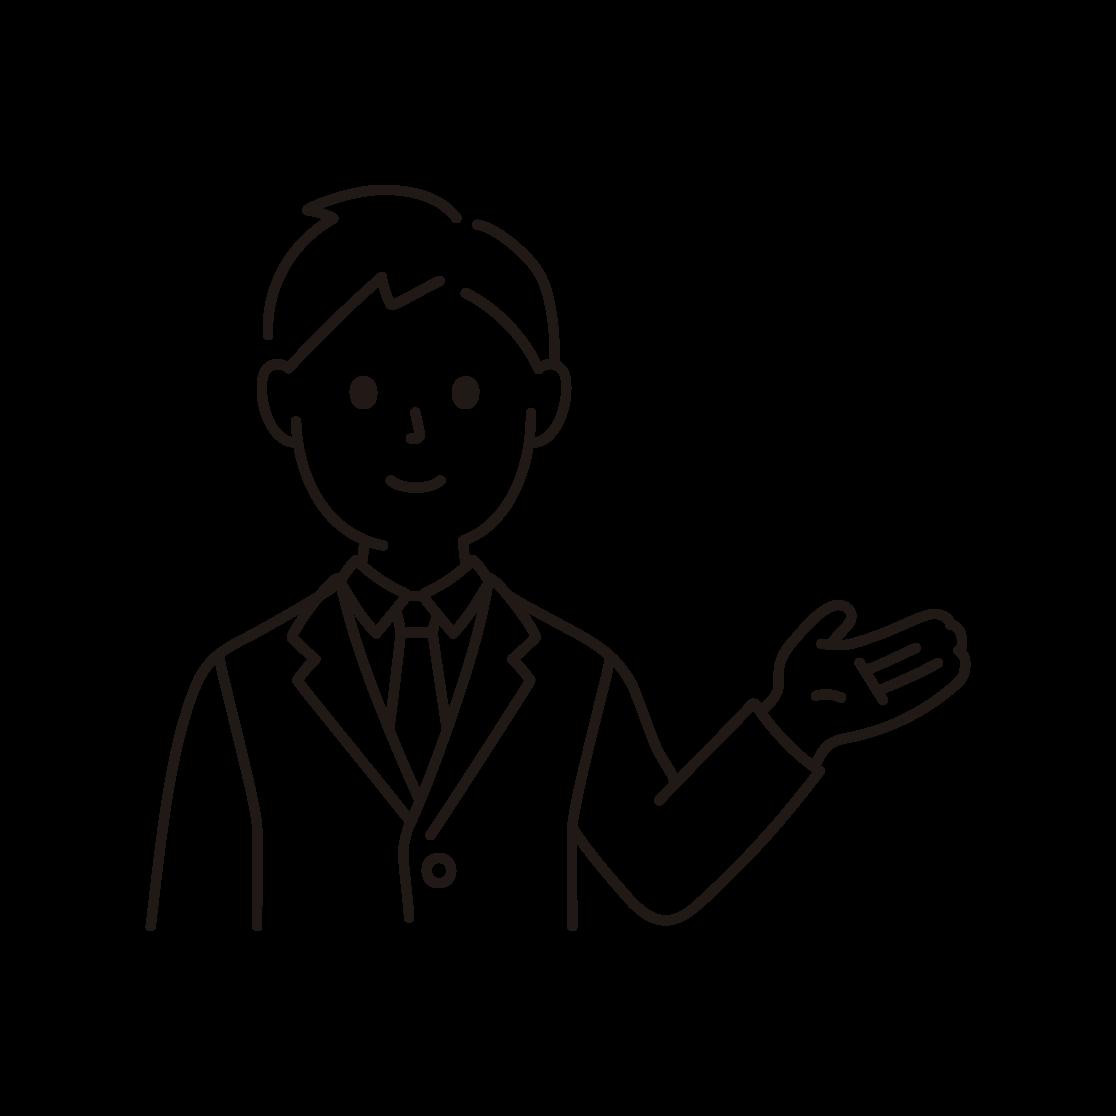 案内するビジネスマンの線画イラスト